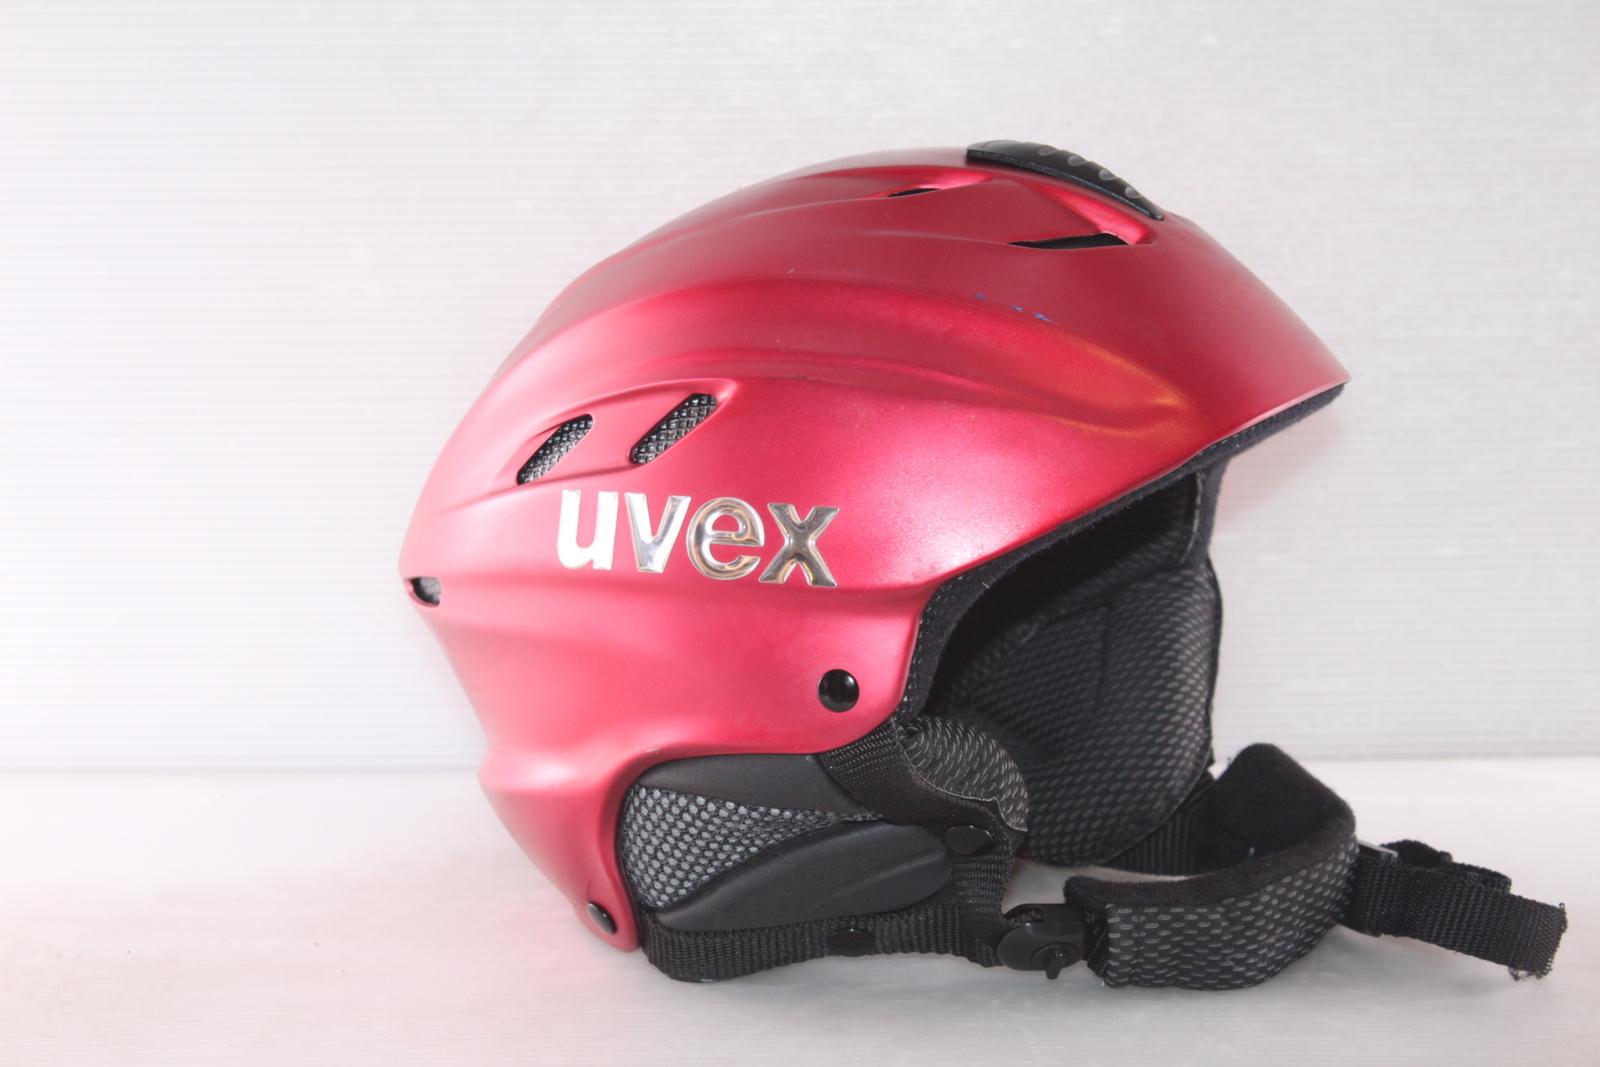 Dámská lyžařská helma Uvex Uvex vel. 58